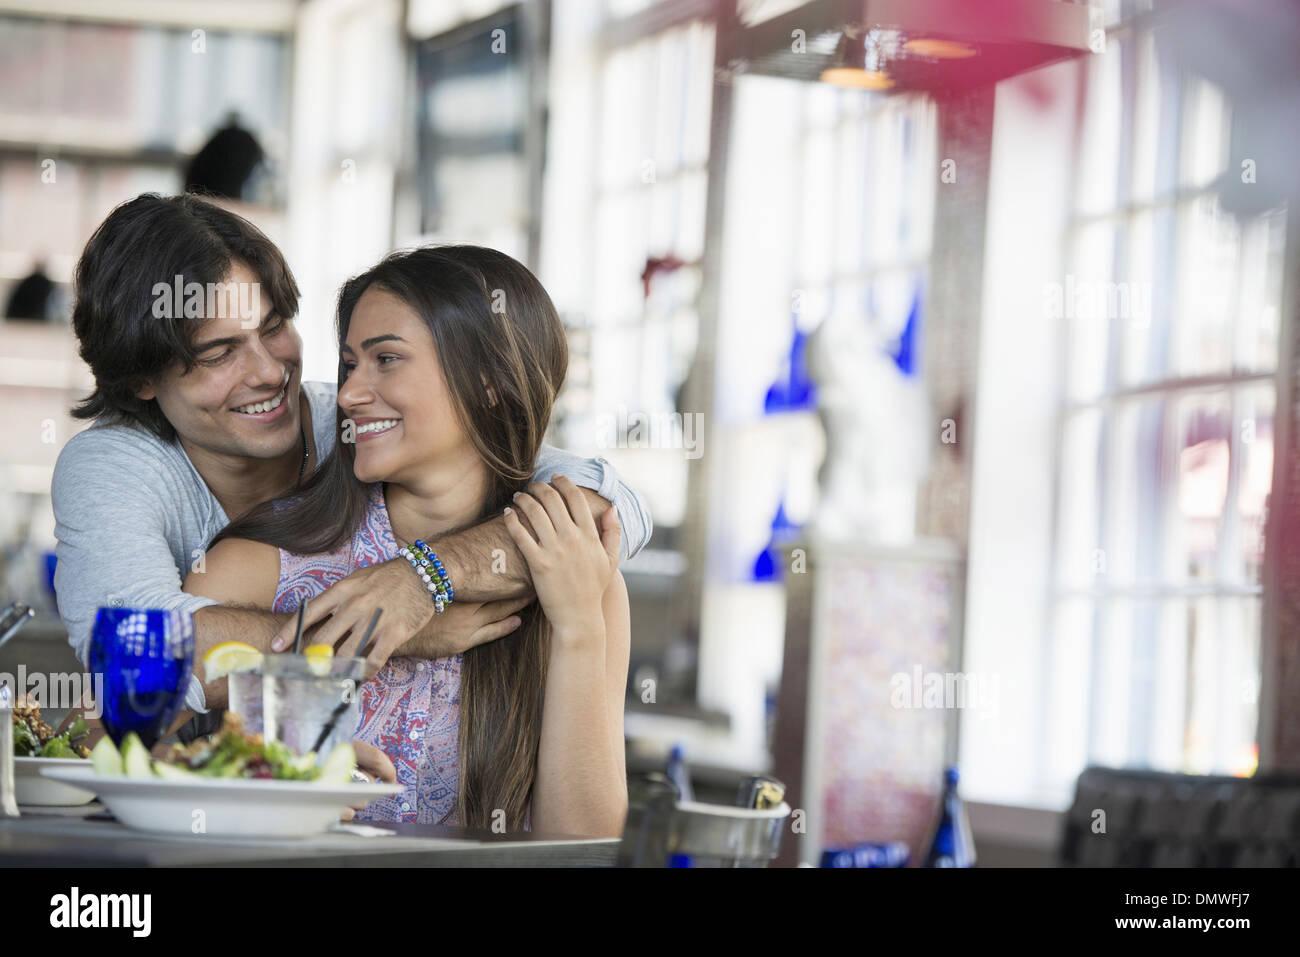 Una cafetería interior. Una pareja sentada en una mesa. Imagen De Stock